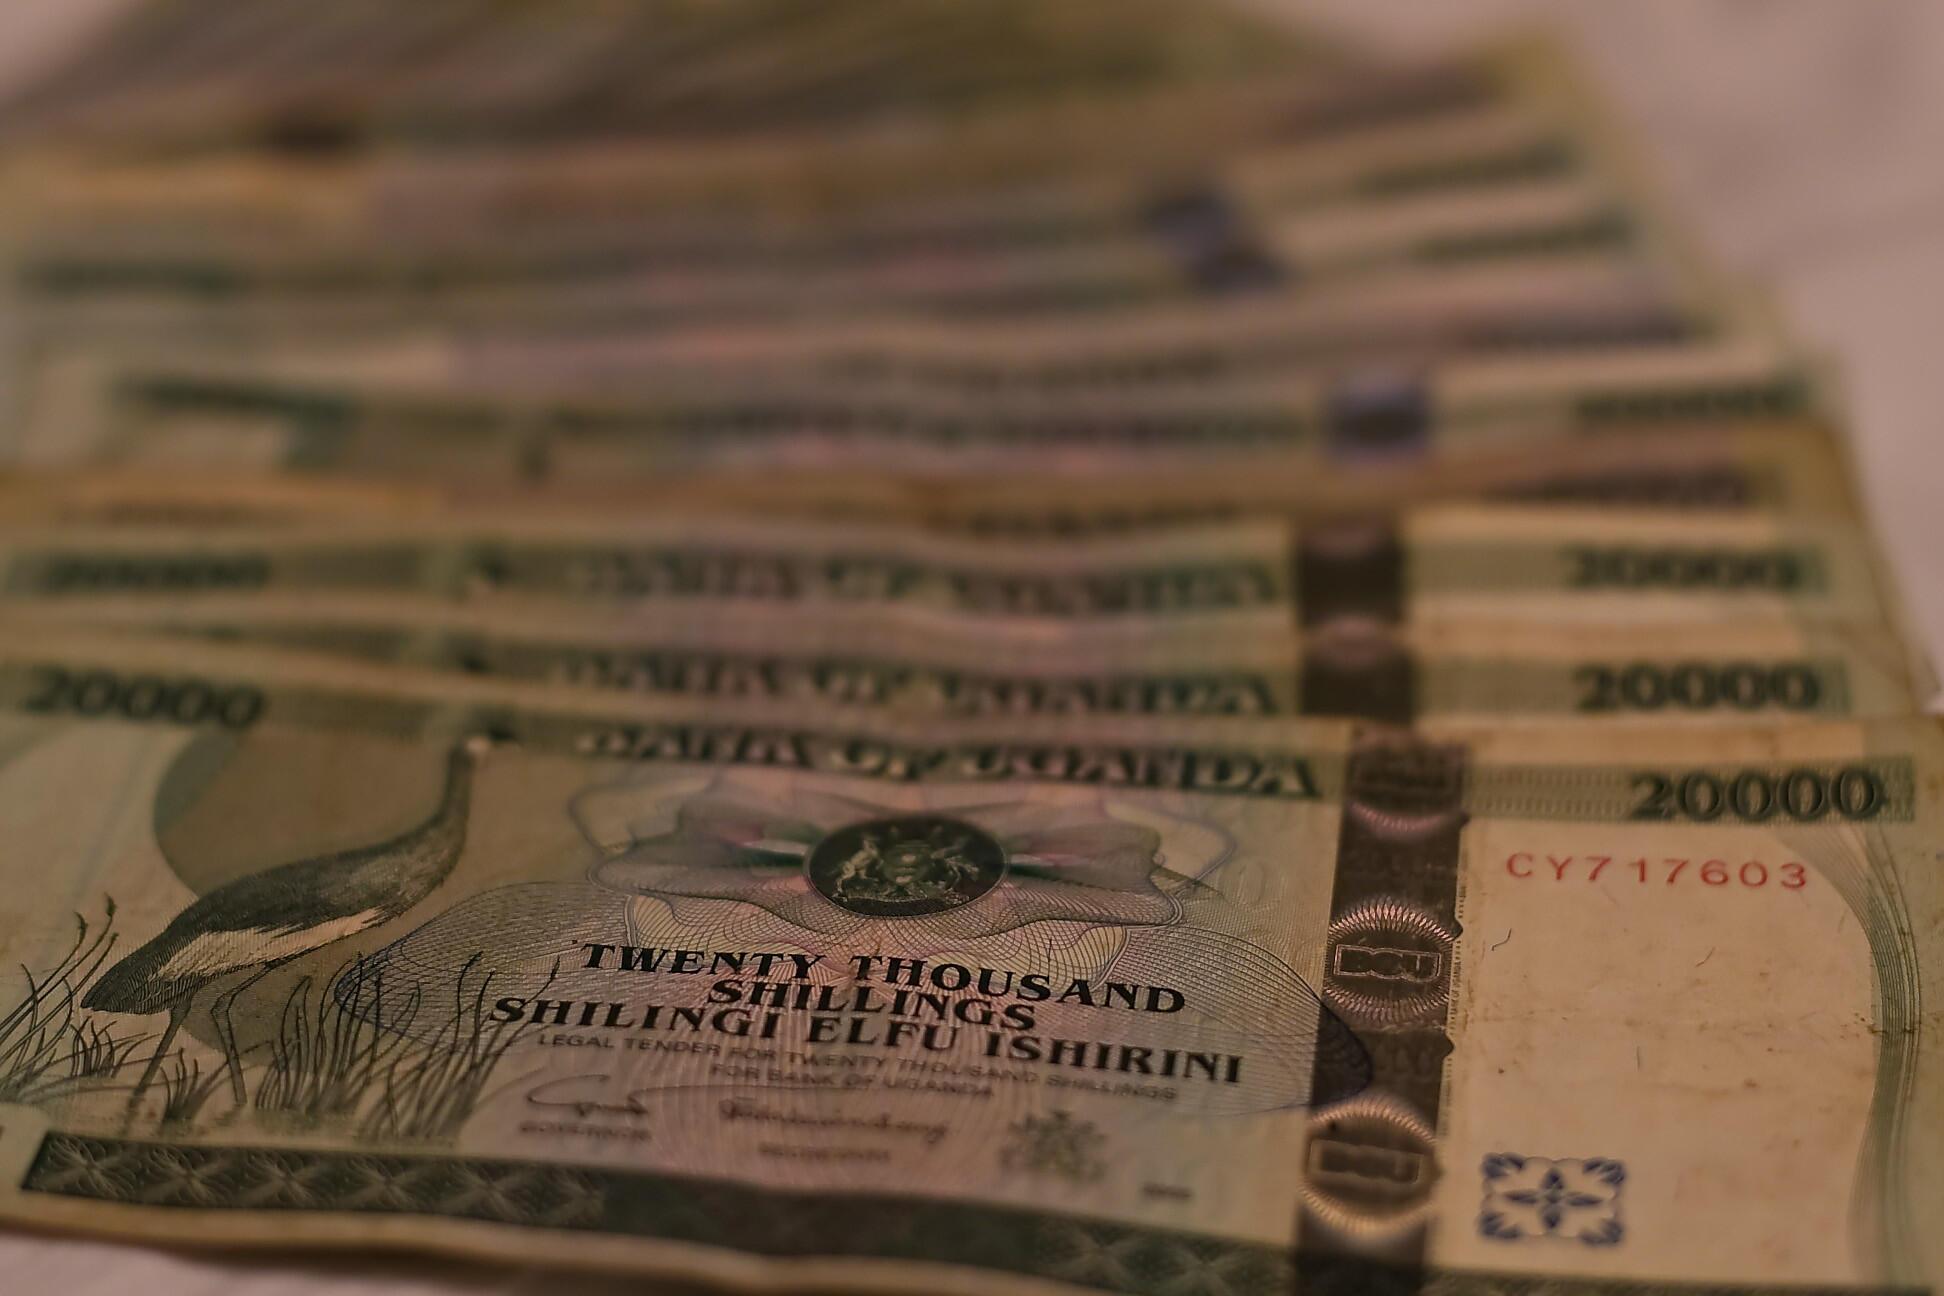 Shilling ouganda - ugandan shilling - monnaie